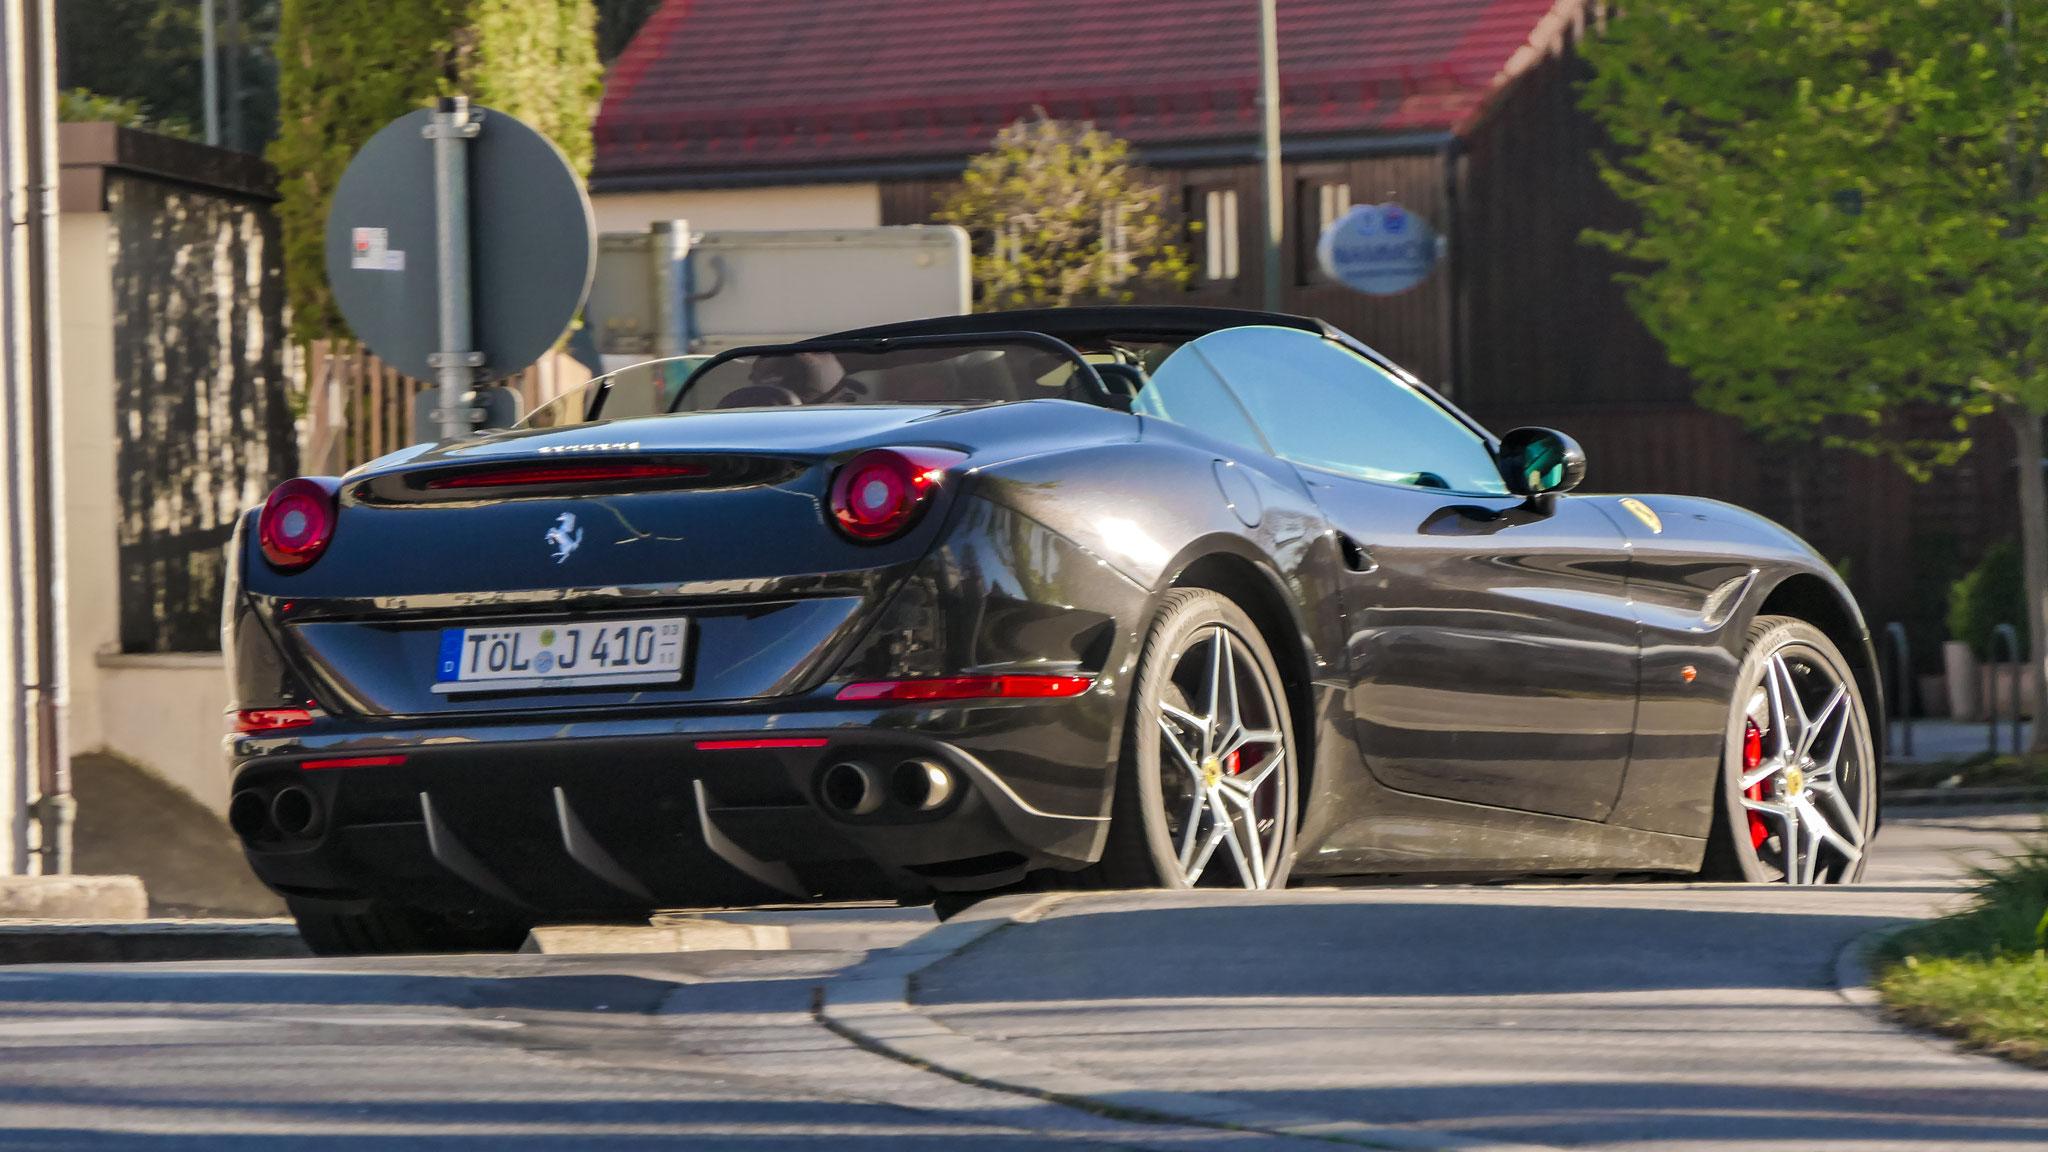 Ferrari California T - TÖL-J-410